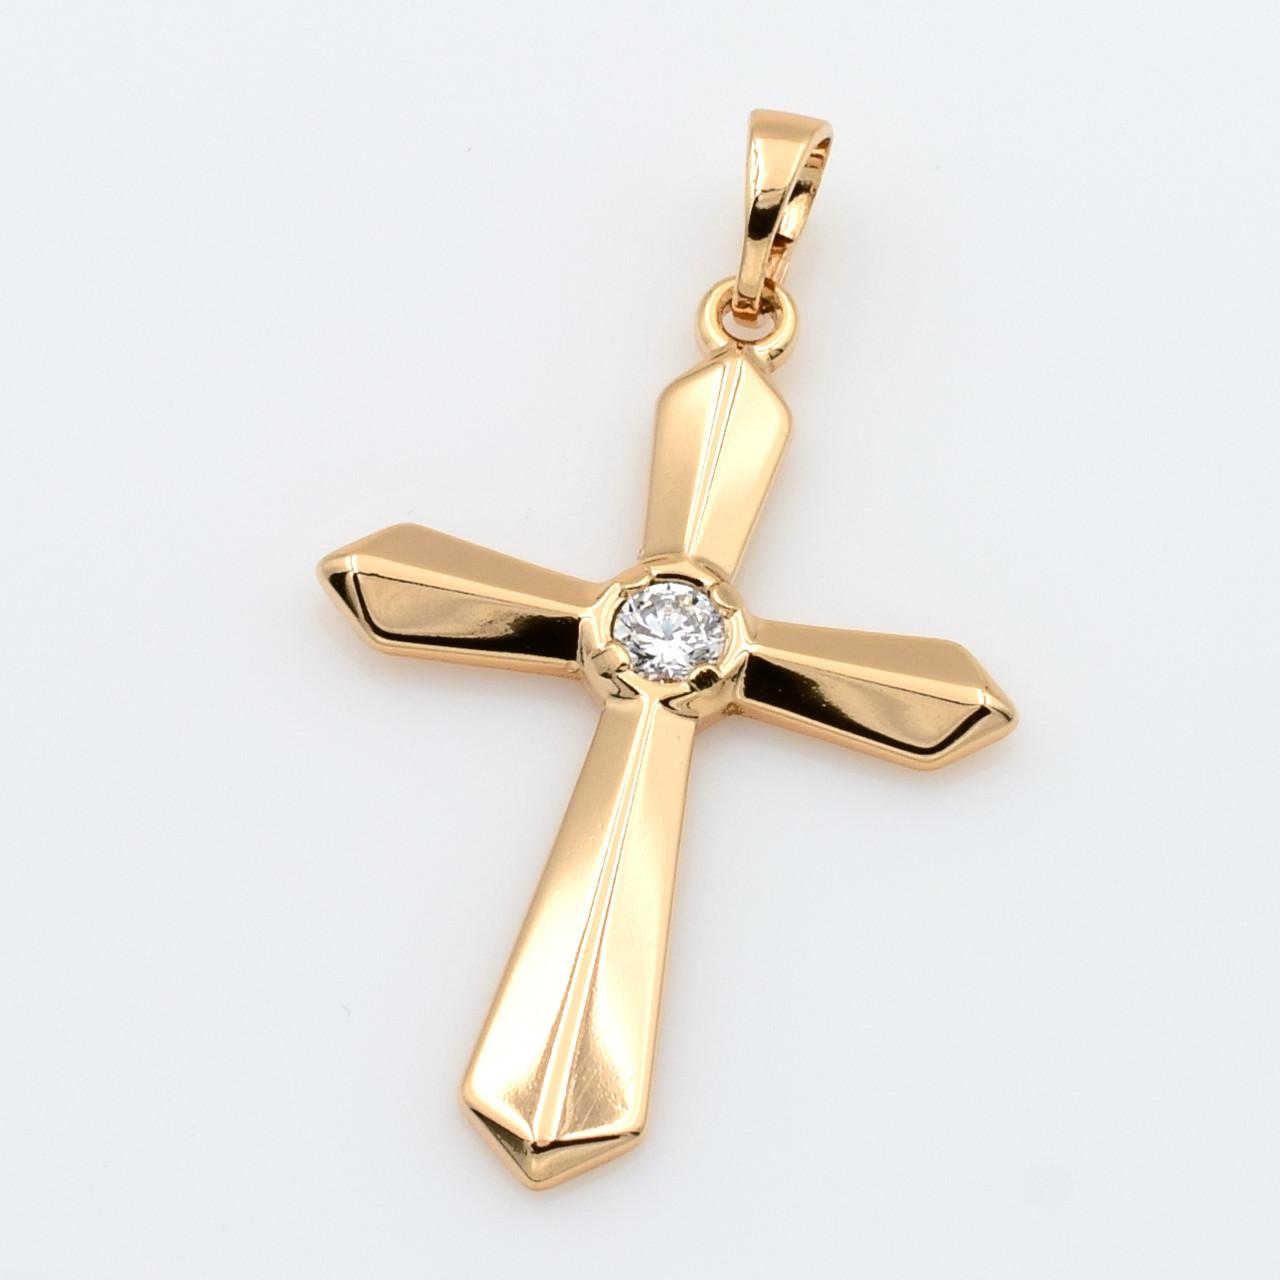 XUPING Кулон Крест Позолота 18к с белыми цирконами Высота 3.9см, Ширина 2.3см